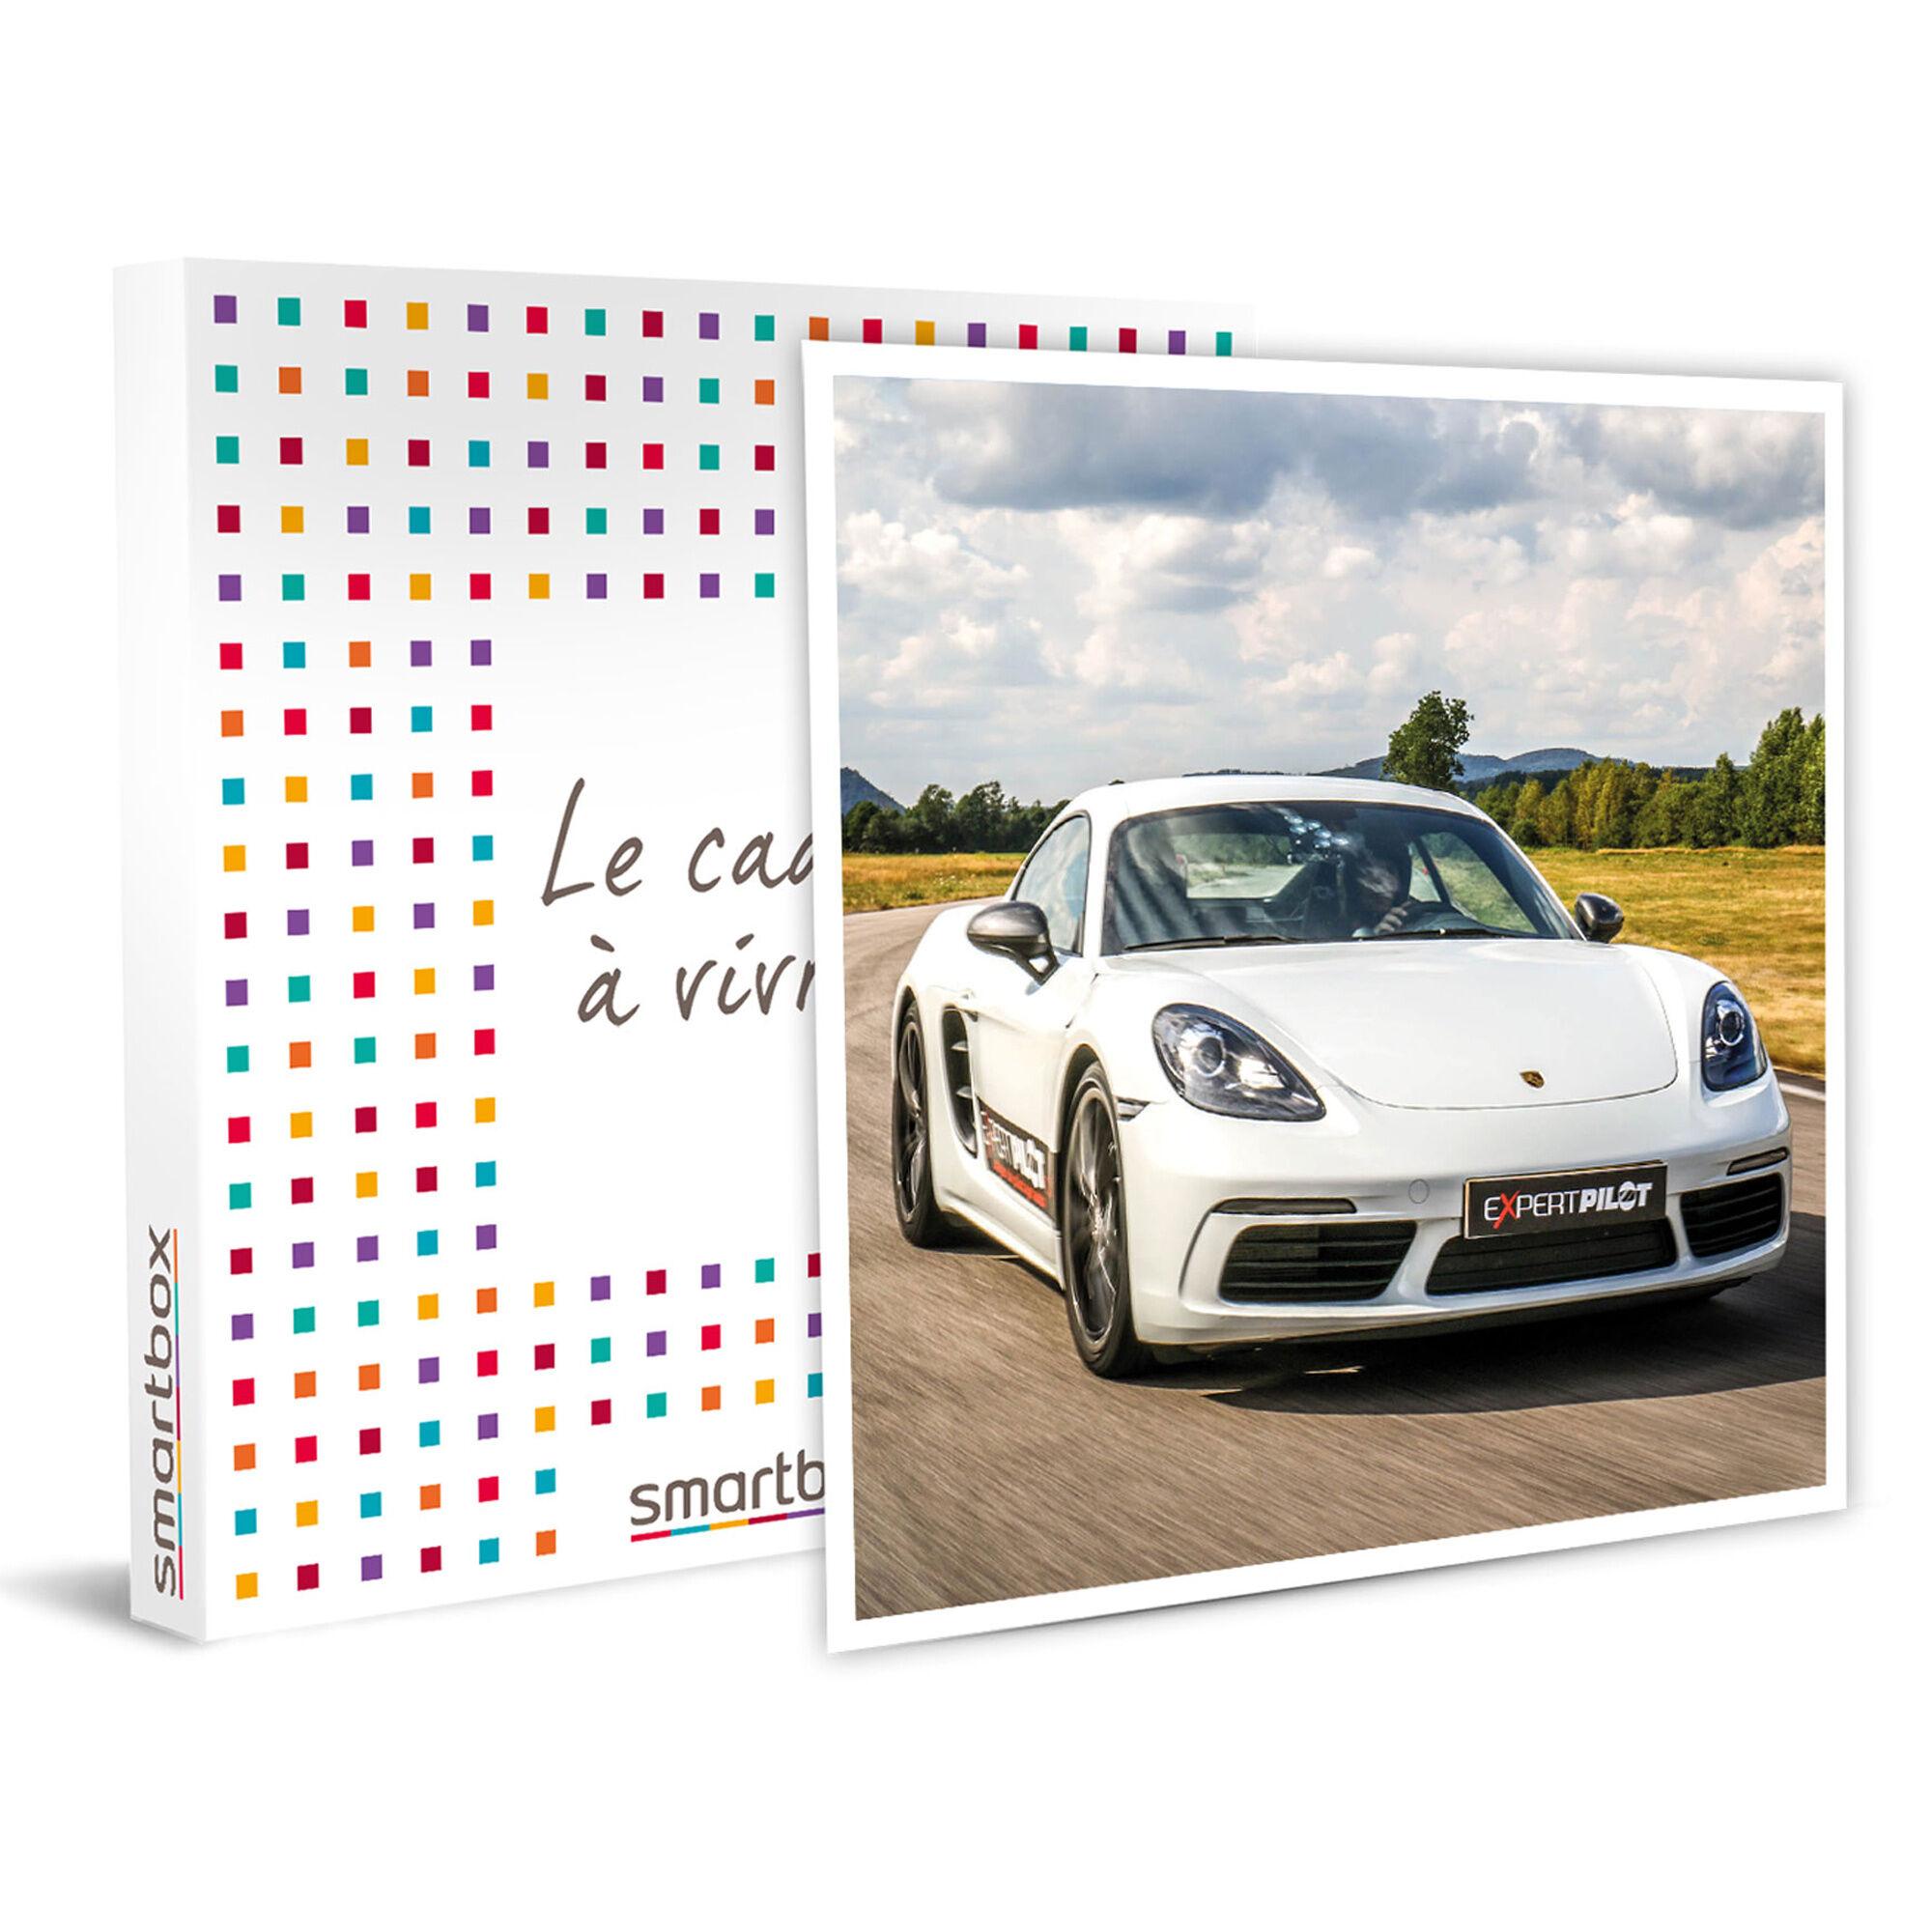 Smartbox Session pilotage de 2 tours de circuit en Porsche Cayman à Dijon Coffret cadeau Smartbox